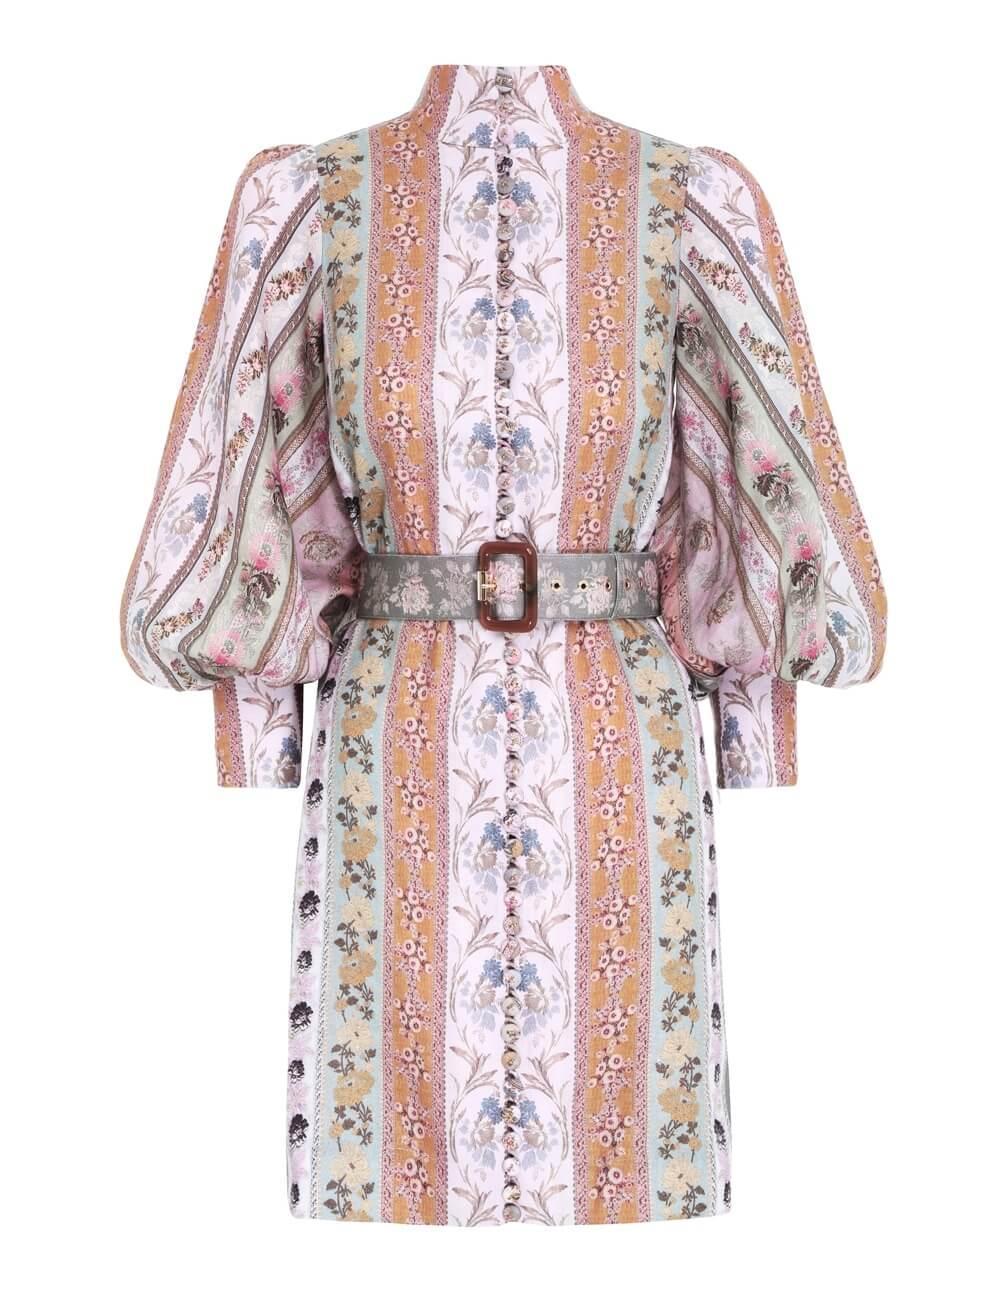 Luminous Mixed Ribbon Mini Dress Item # 1278DLMI